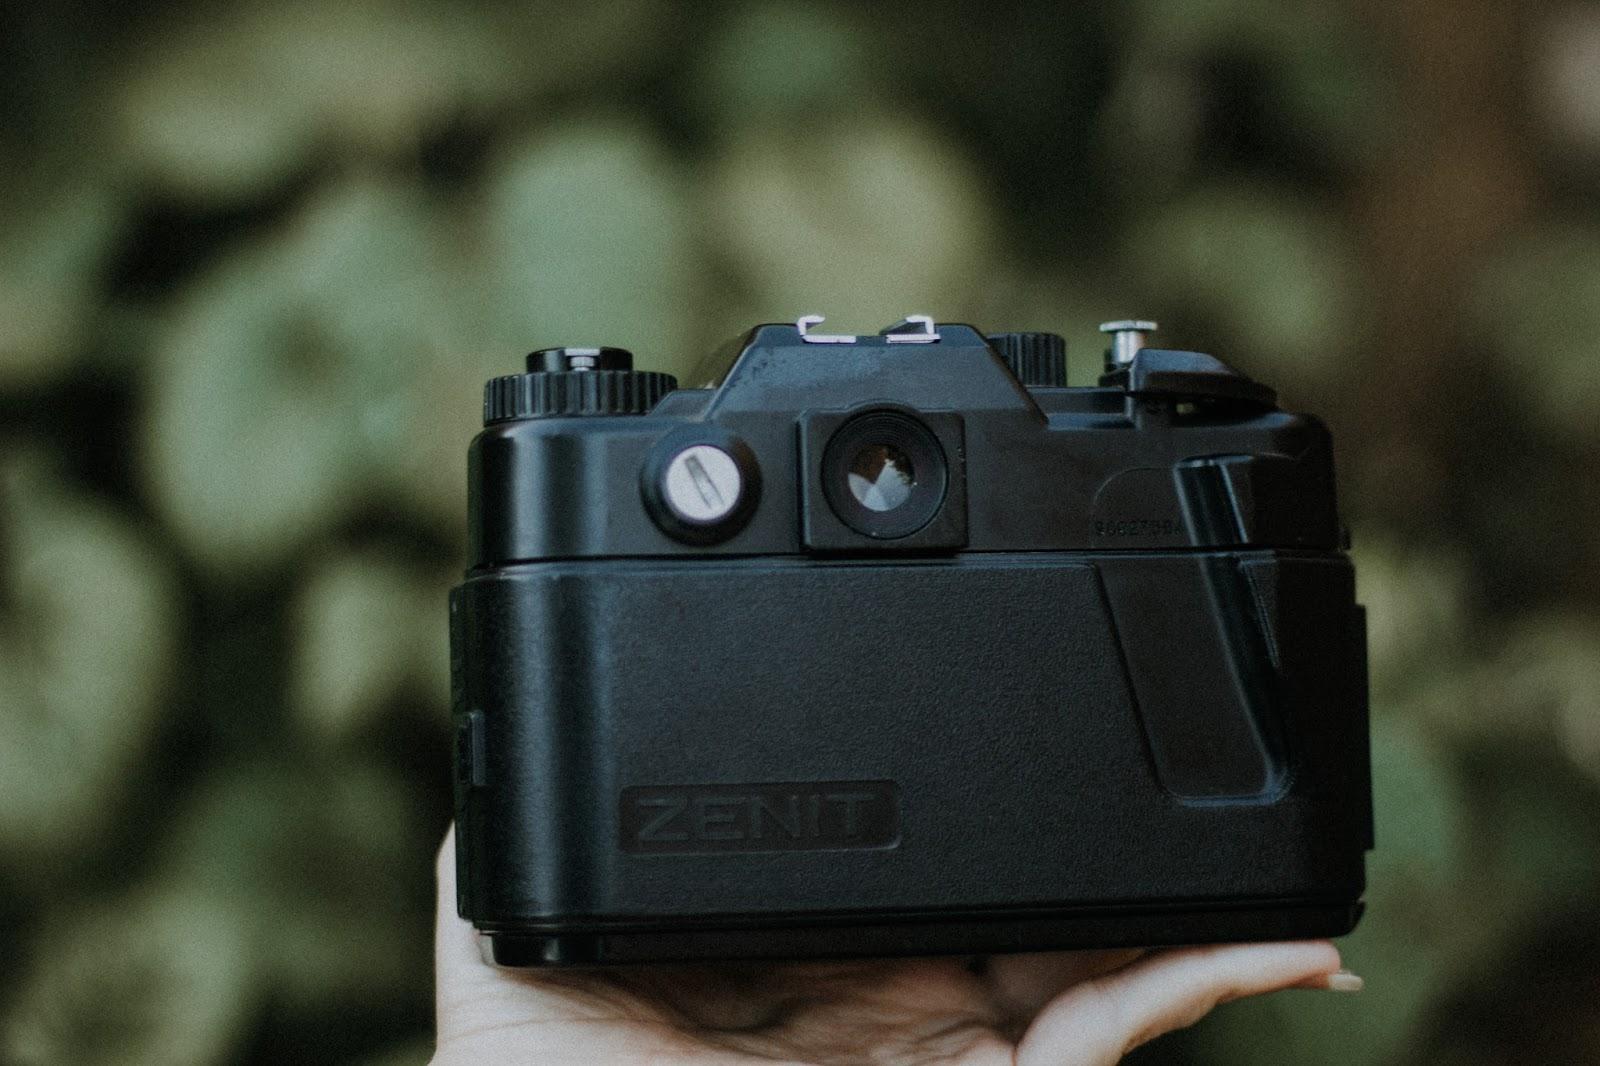 Comprei: Zenit 122. Ali temos o anel de foco com a escala amarela em metros, em outras lentes além da escala em metros, aparece também a escala em pés. No meio em verde, temos a profundidade de campo, segundo a abertura do diafragma que está sendo usado.